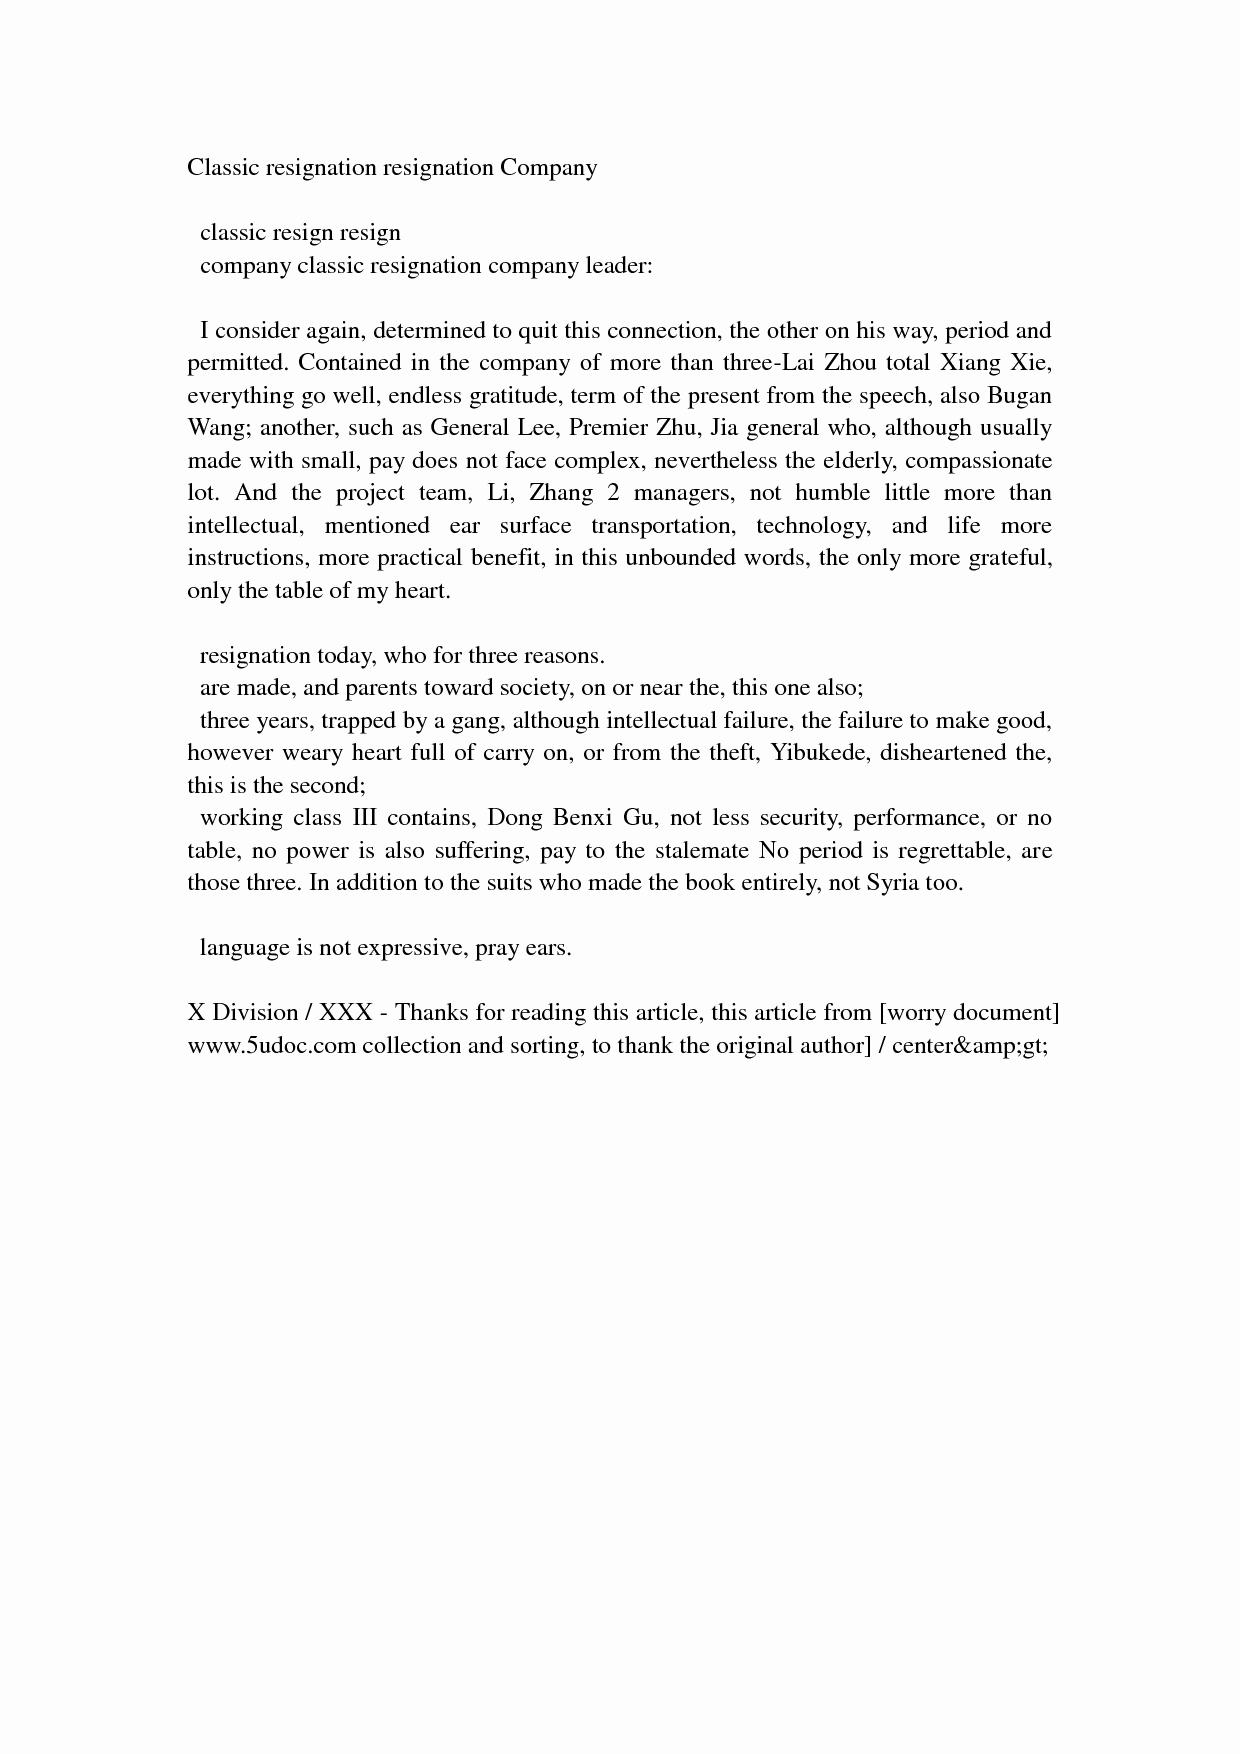 Resignation Letter Effective Immediately Beautiful Best S Of Grateful Resignation Letter Samples